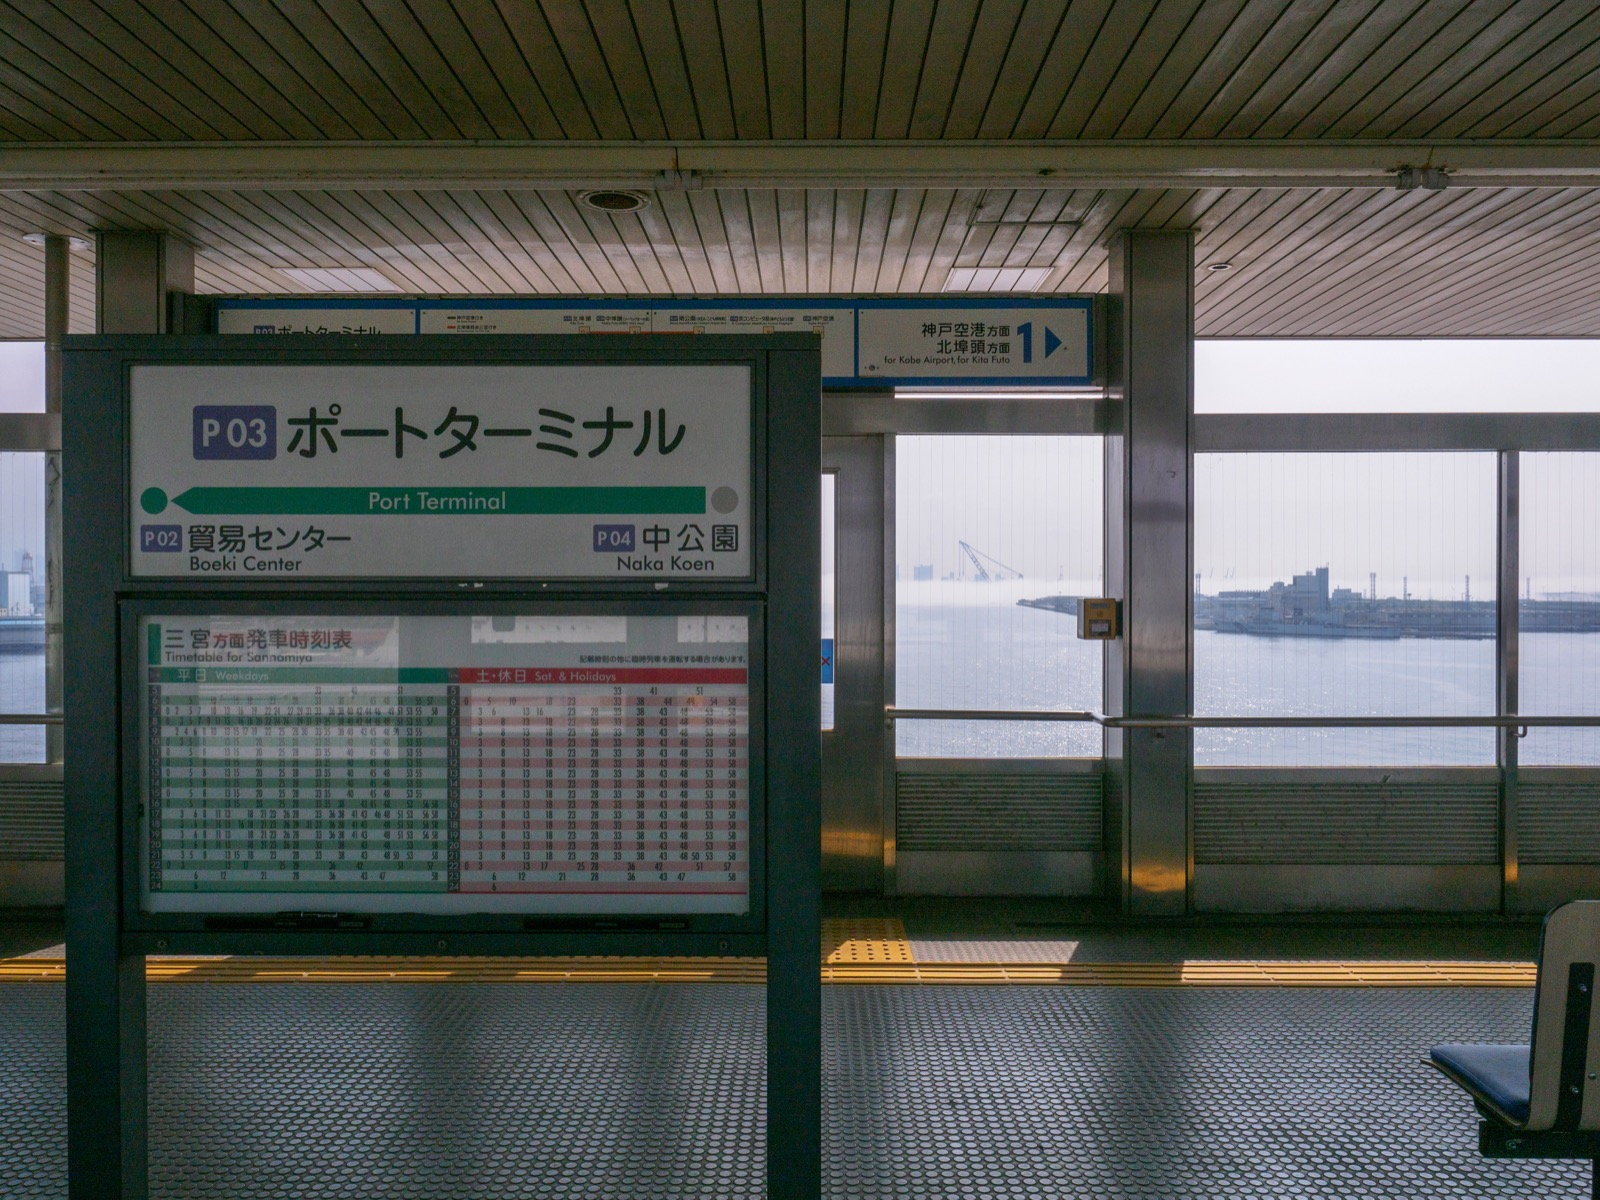 ポートターミナル駅のホームと神戸港